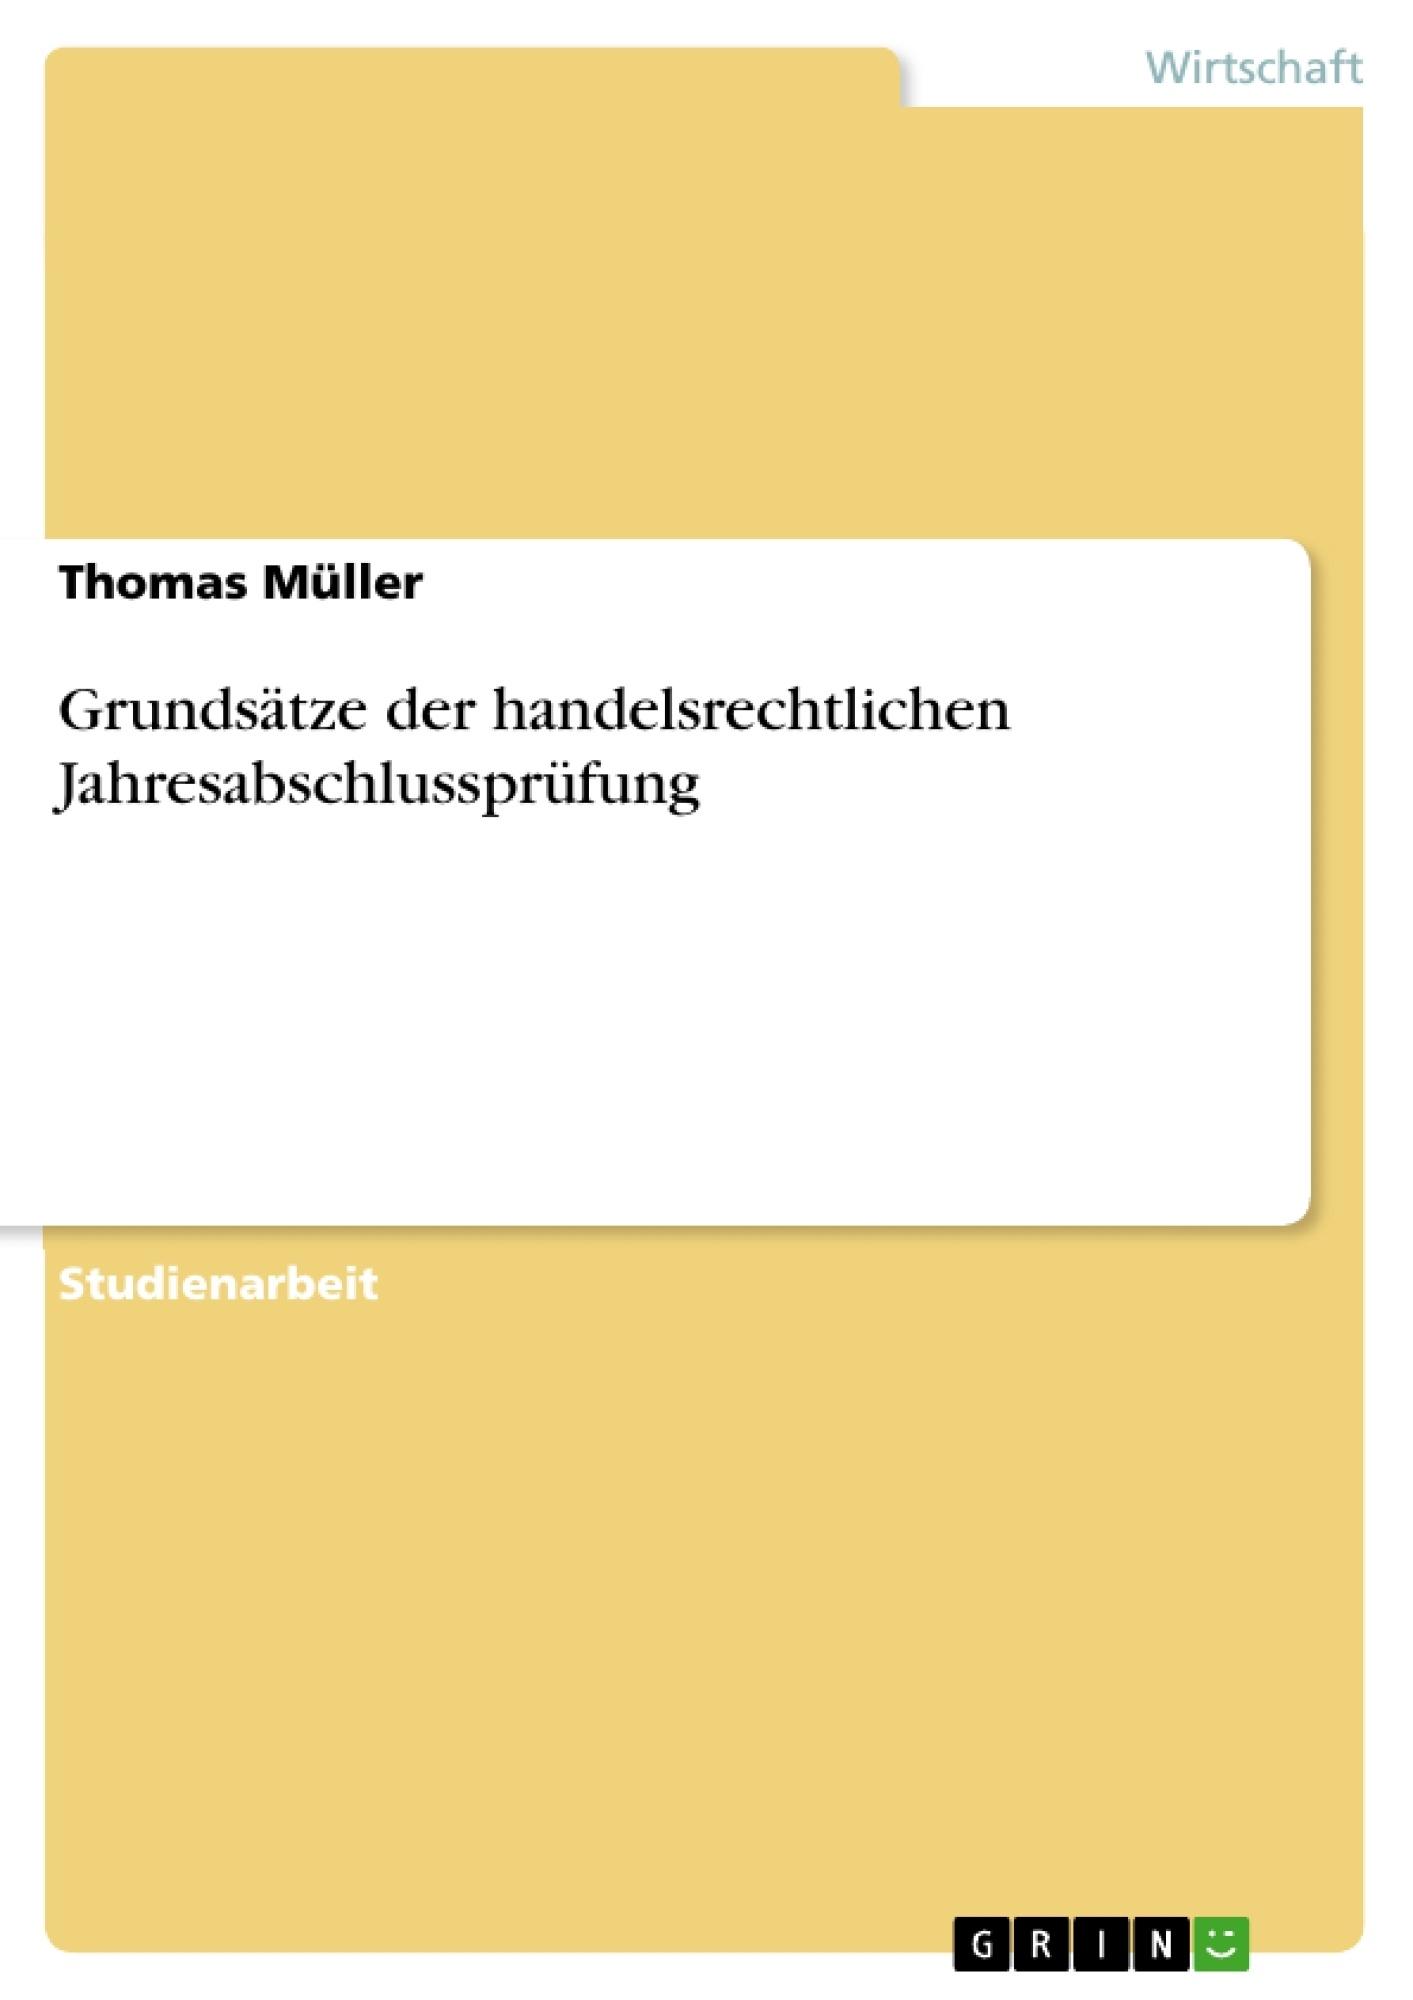 Titel: Grundsätze der handelsrechtlichen Jahresabschlussprüfung